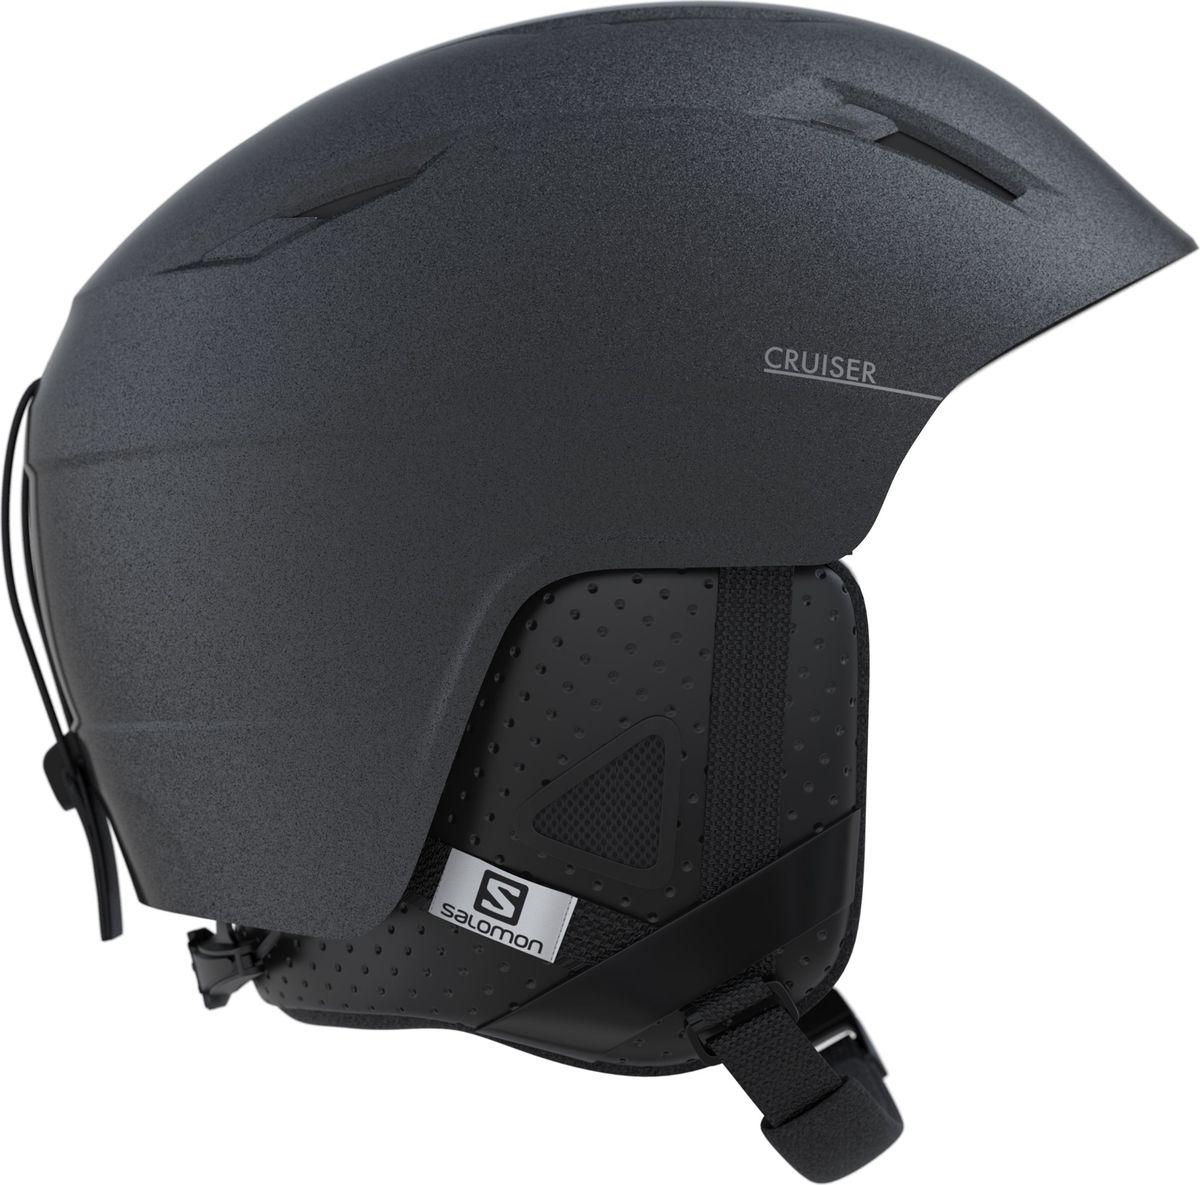 Шлем горнолыжный Salomon Cruiser2. Размер M (56/59) горнолыжный шлем salomon salomon allium custom air черный s 53 56